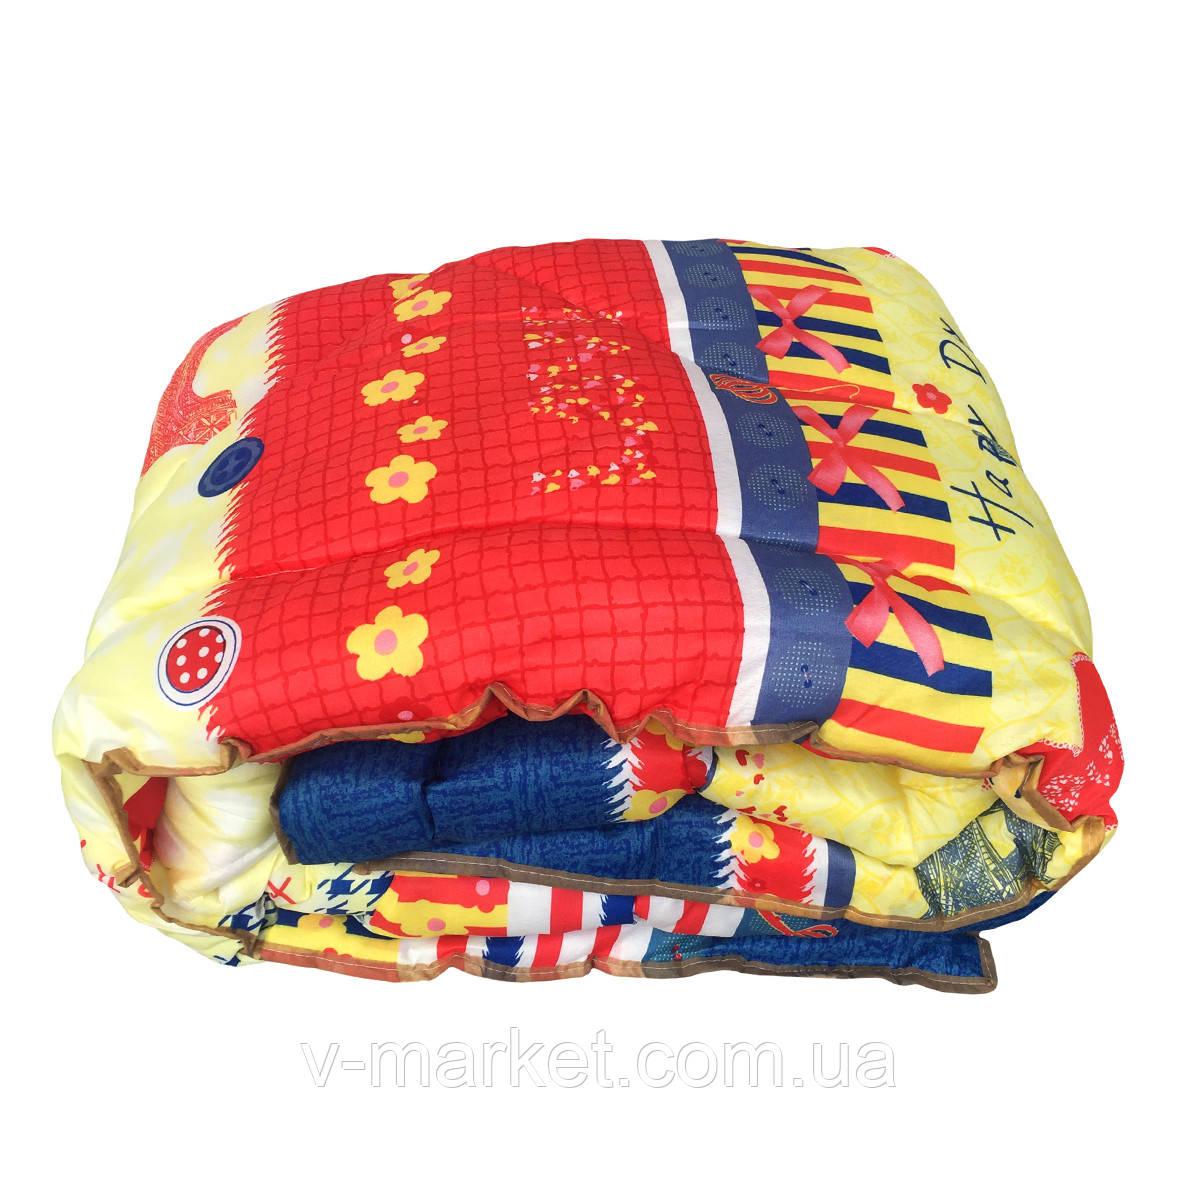 Шерстяное одеяло двуспальное эконом, 175/215 см, ткань бязь (поликотон)